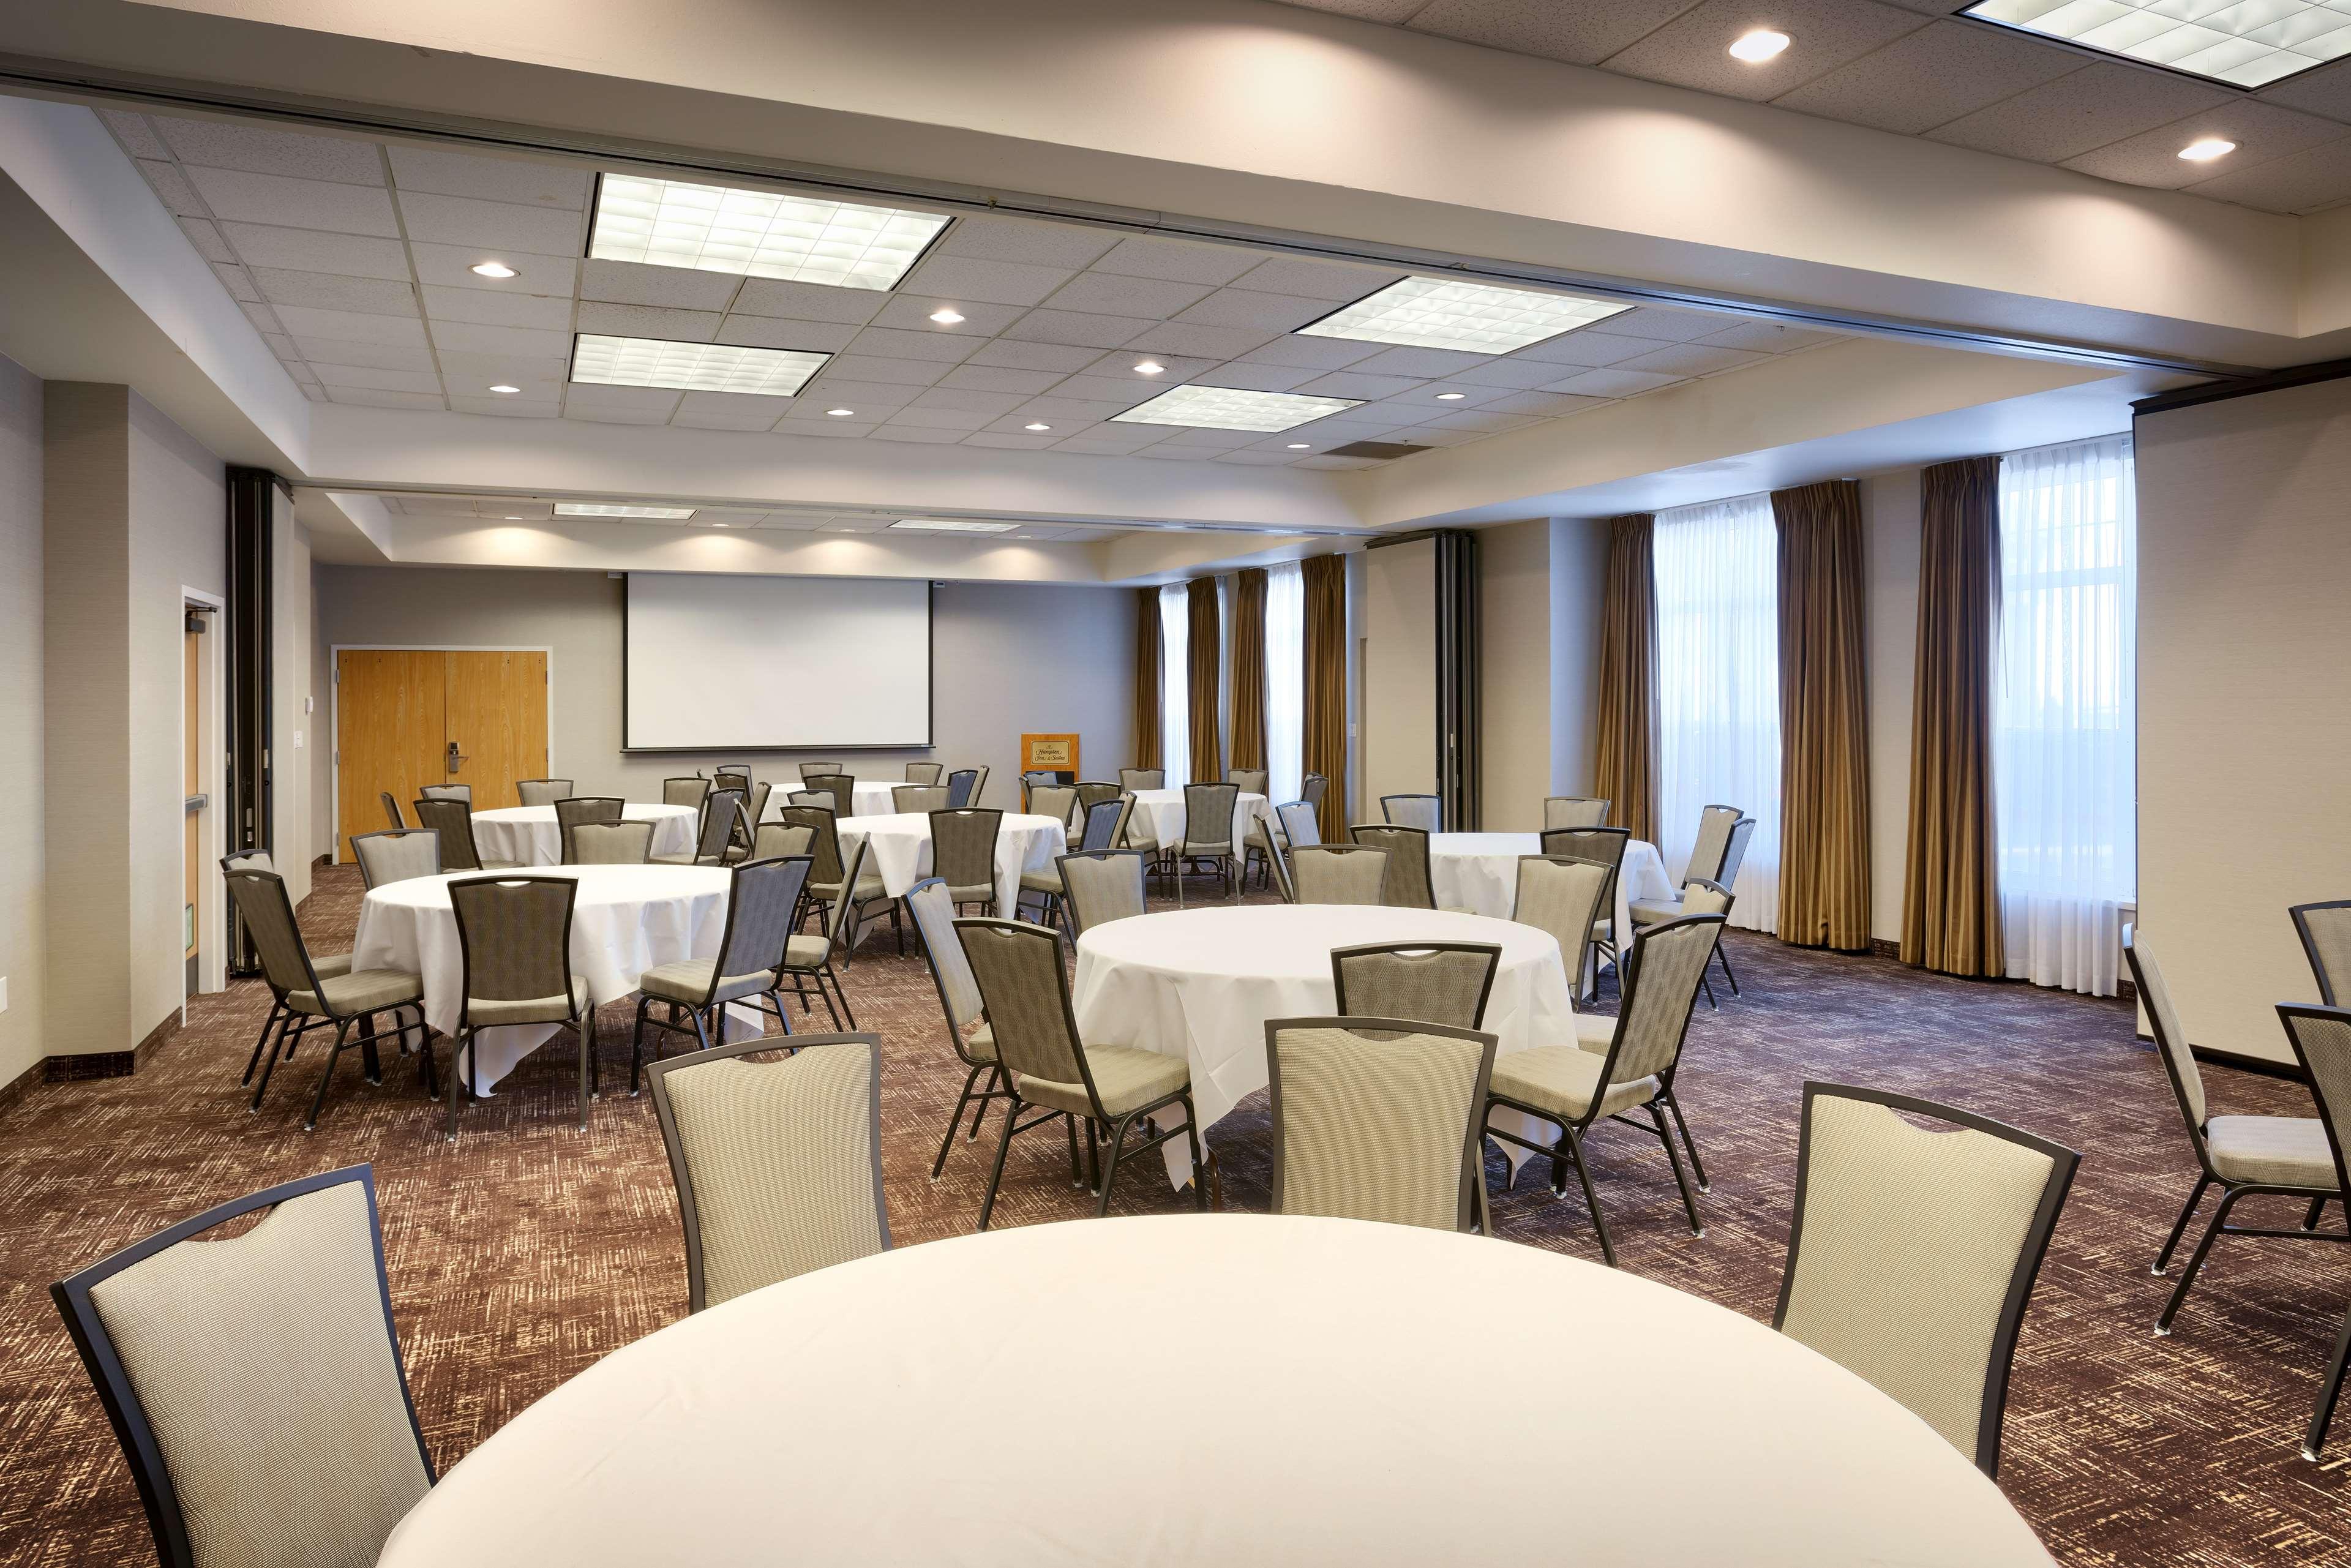 Hampton Inn & Suites Orem image 20